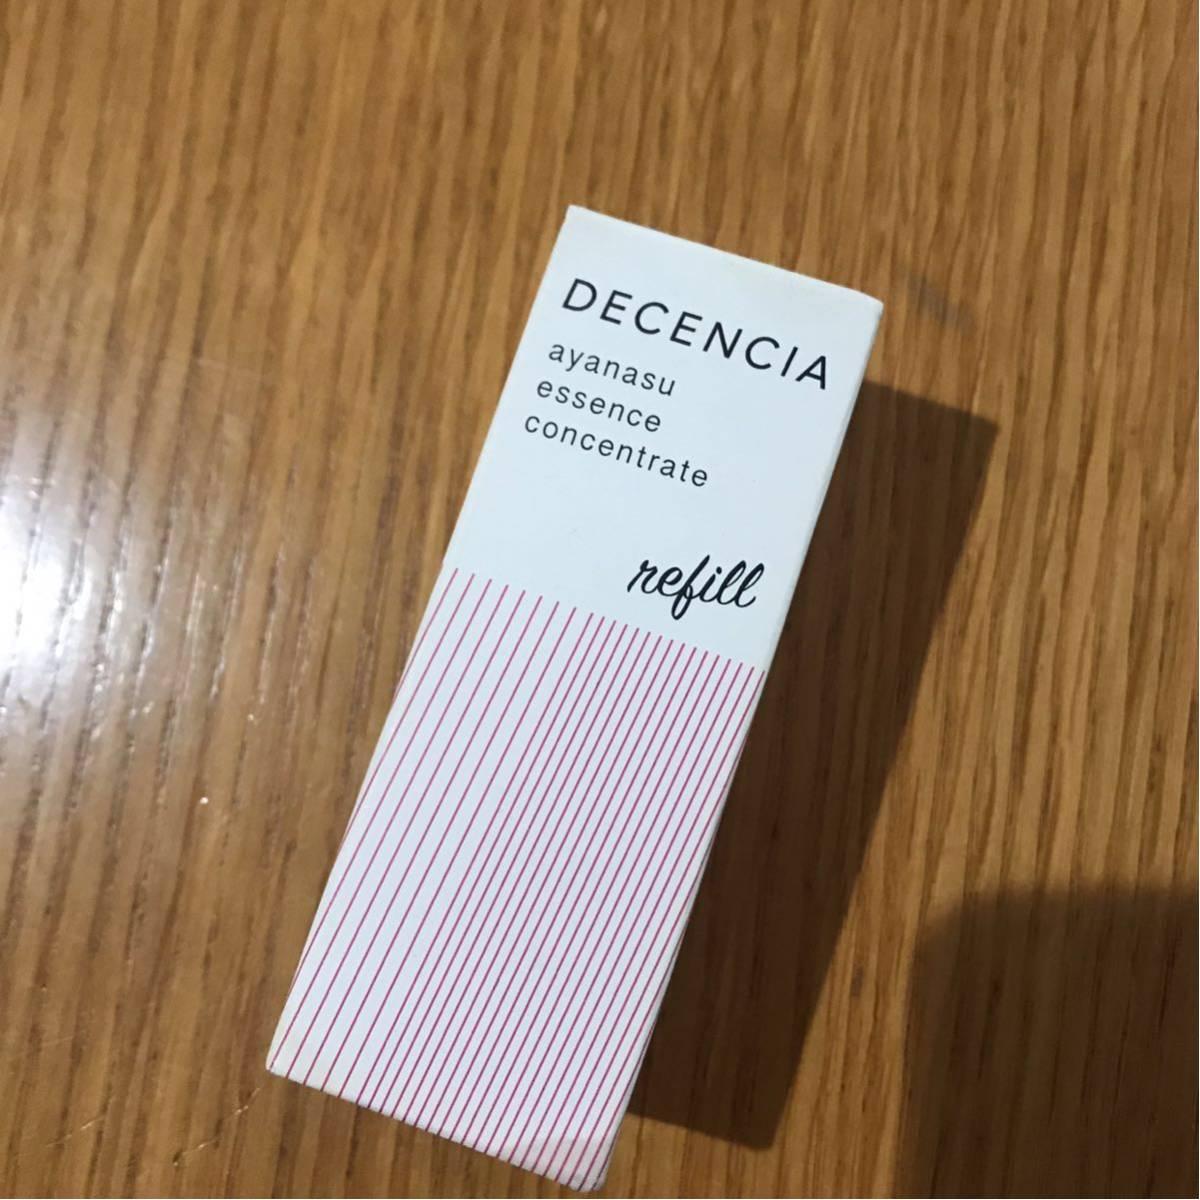 ディセンシア アヤナス エッセンス コンセントレート レフィル 未開封新品